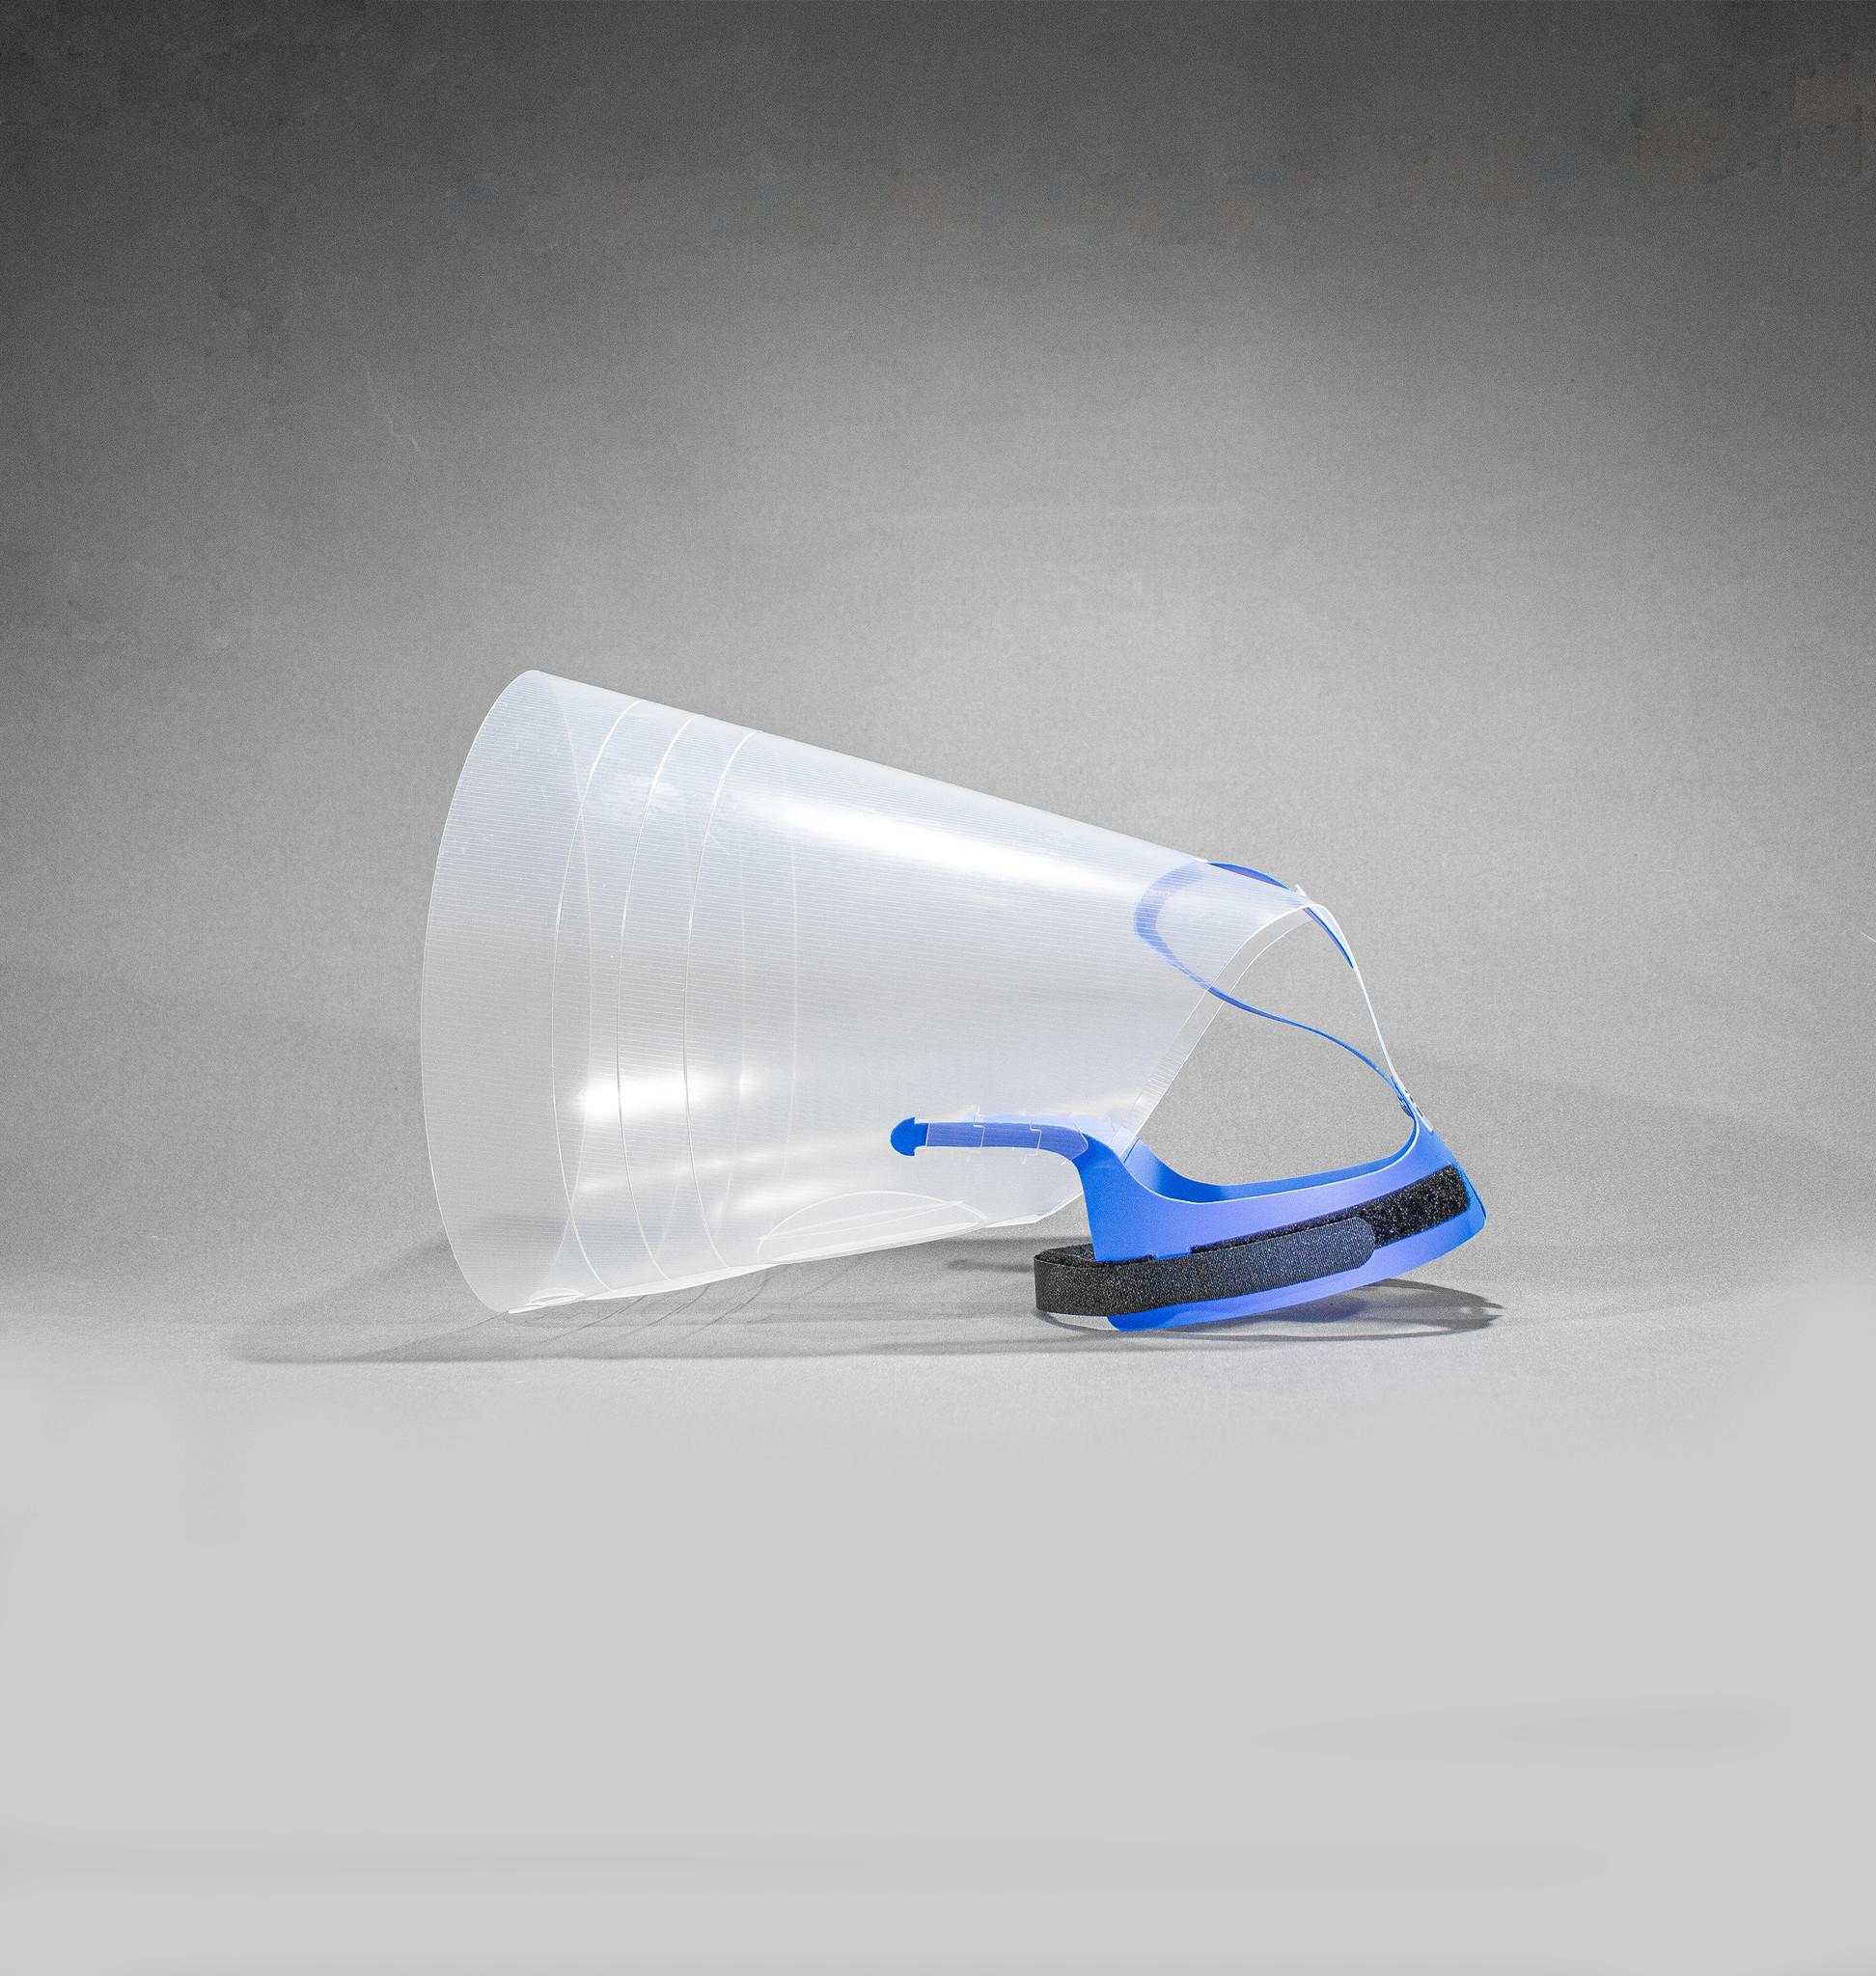 NOVAGUARD Protection à lécher NOVAGUARD PN406, taille : moyen-petit, couleur : bleu clair